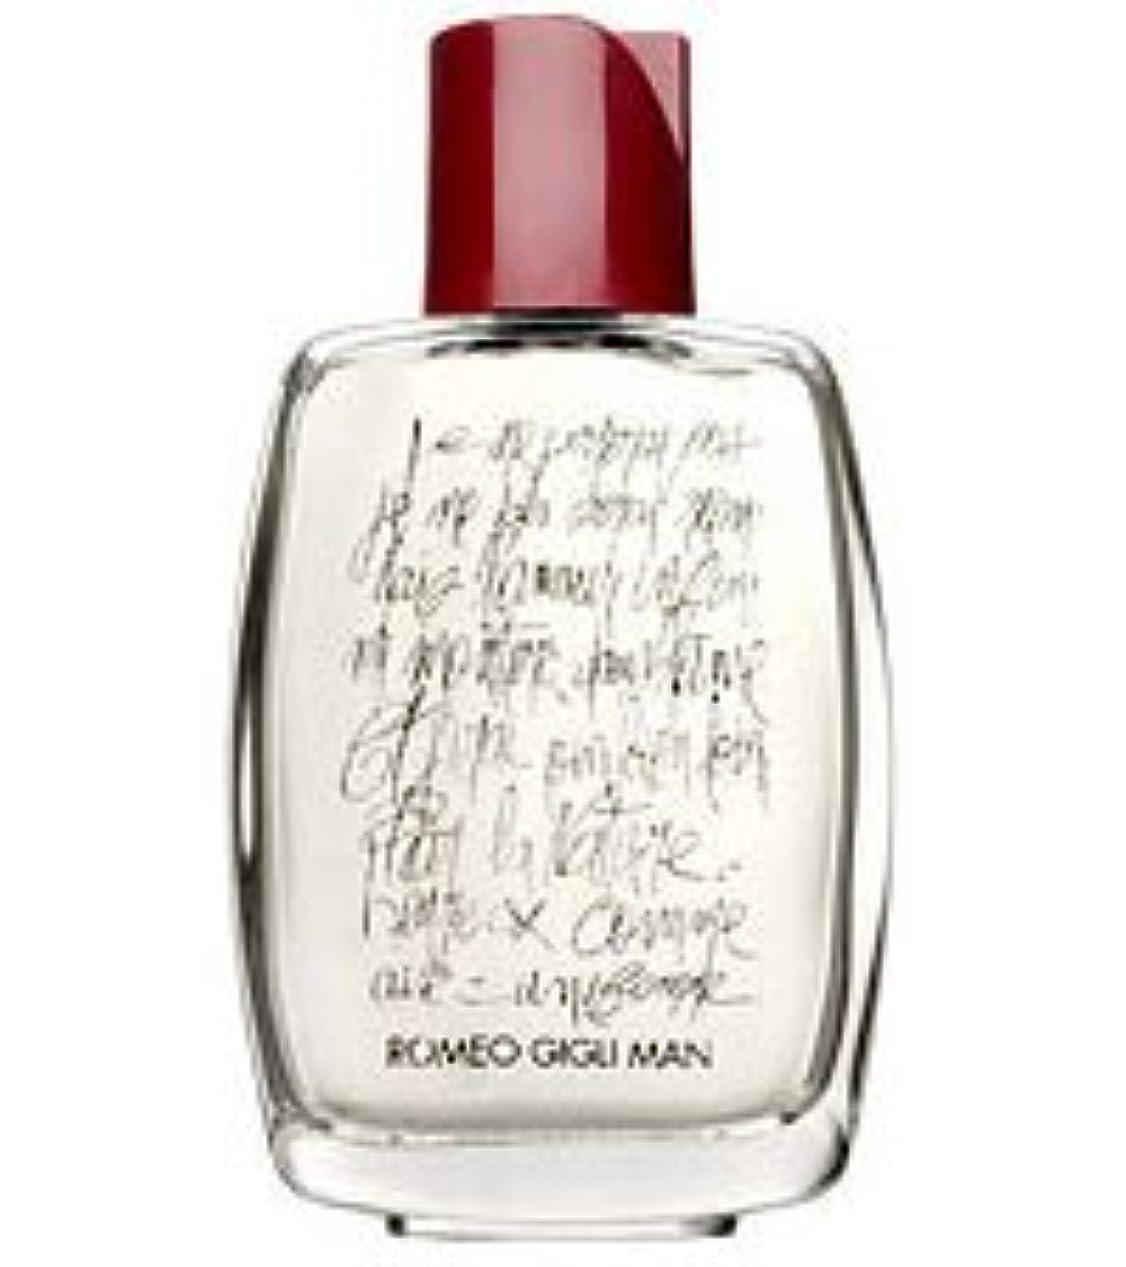 そよ風むしろ副詞Romeo Gigli Man (ロメオ ジリ マン) 3.4 oz (100ml) EDT Spray for men